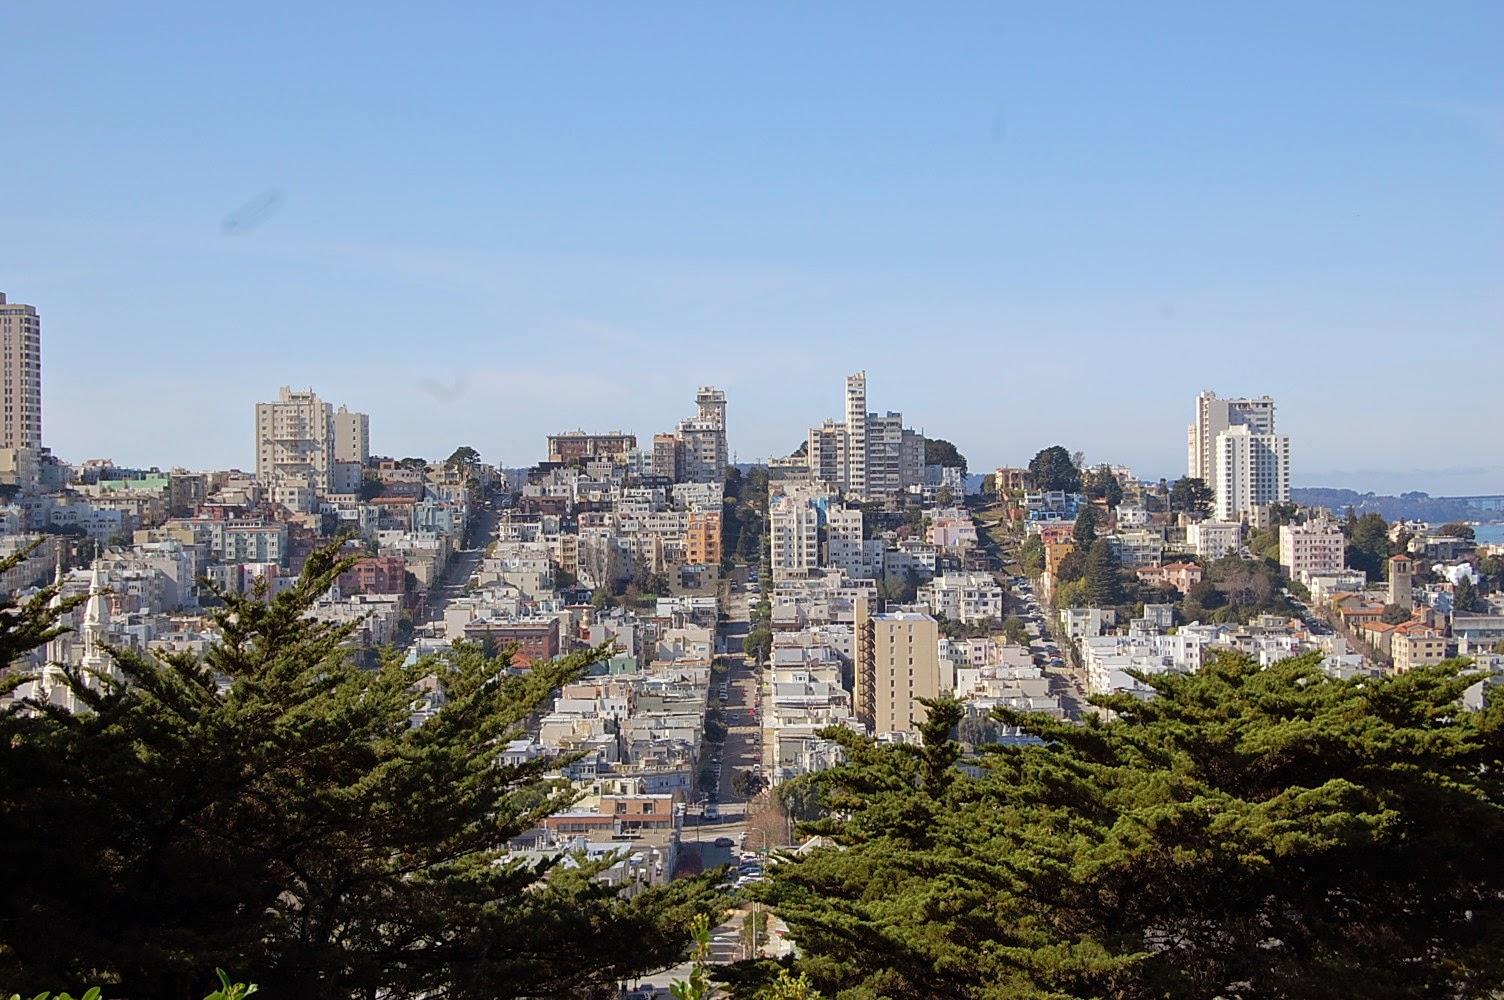 Rues de San Francisco vues de Coit Tower